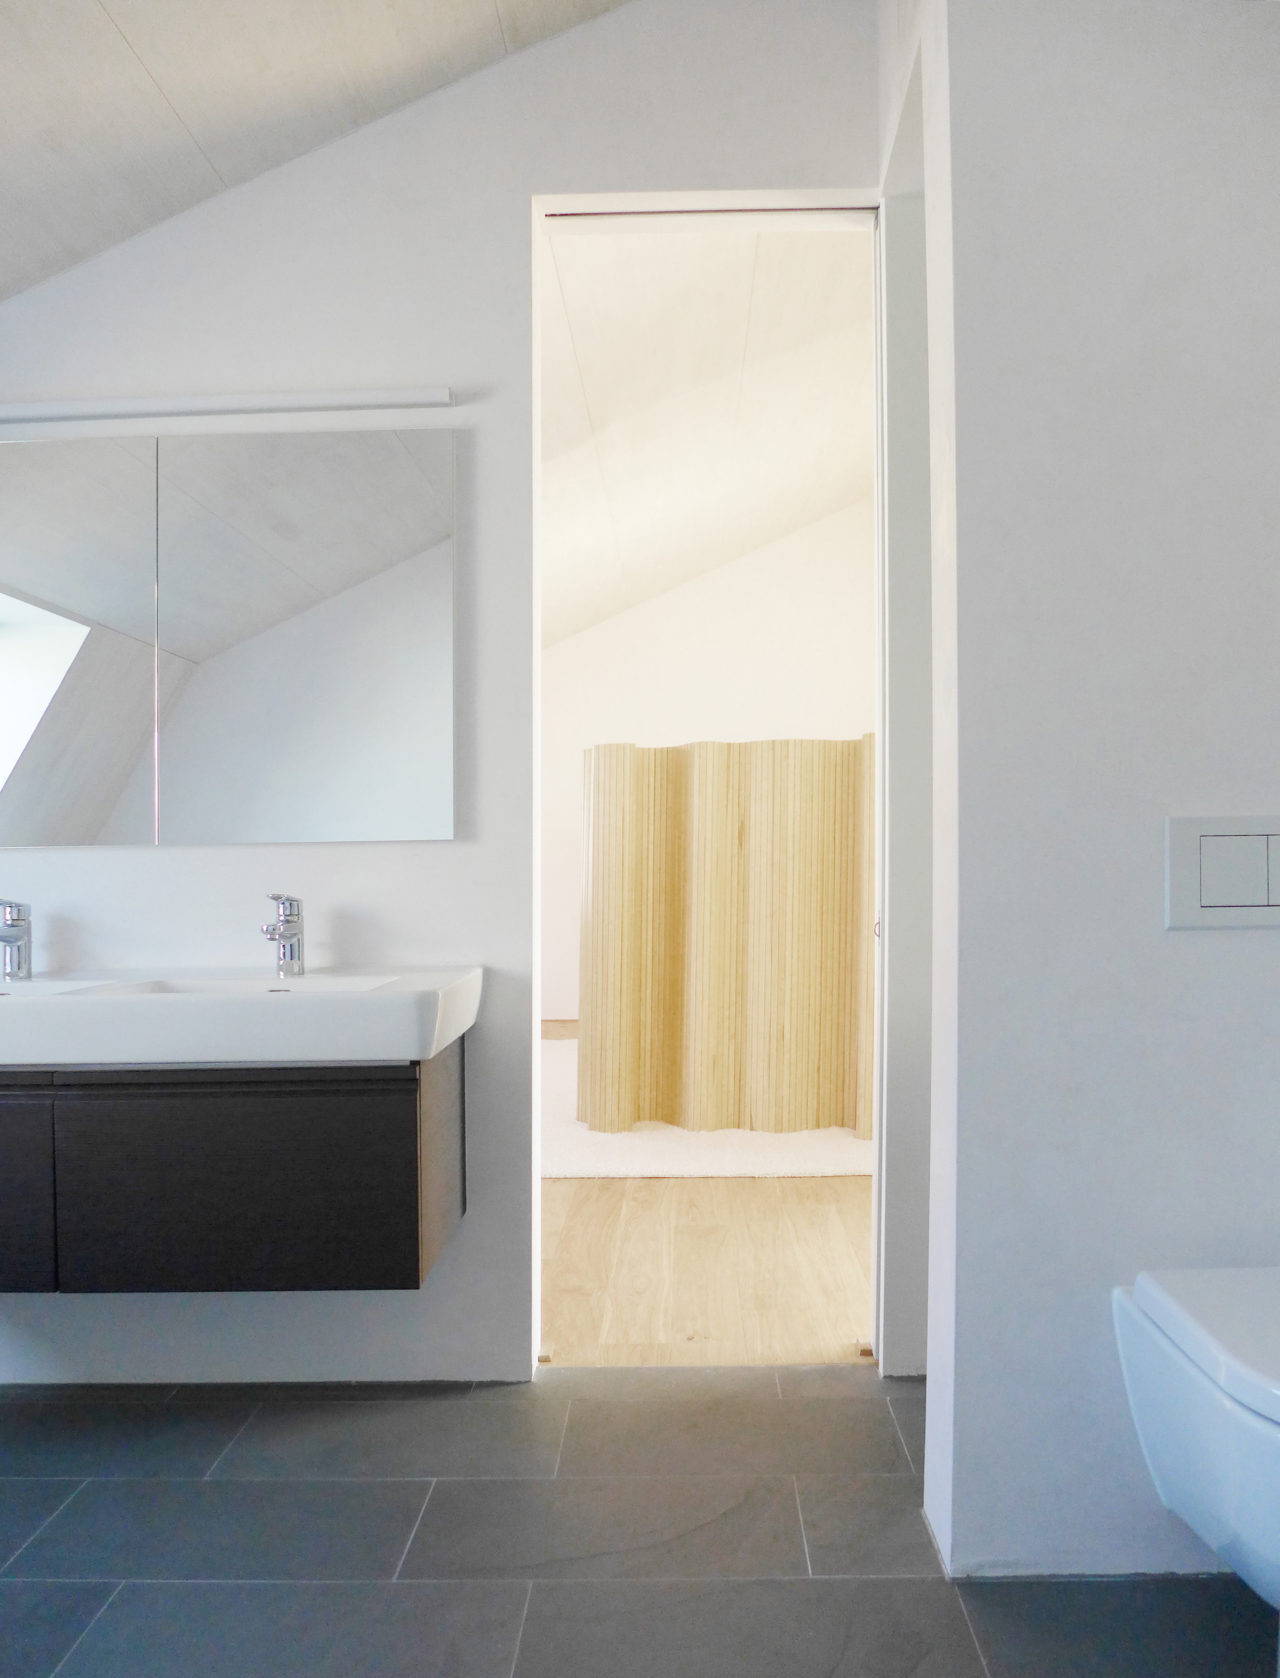 Neues Bad im Dachgeschoss nach Umbau und Ausbau (Dachausbau)von Architekturbüro Forsberg in Basel